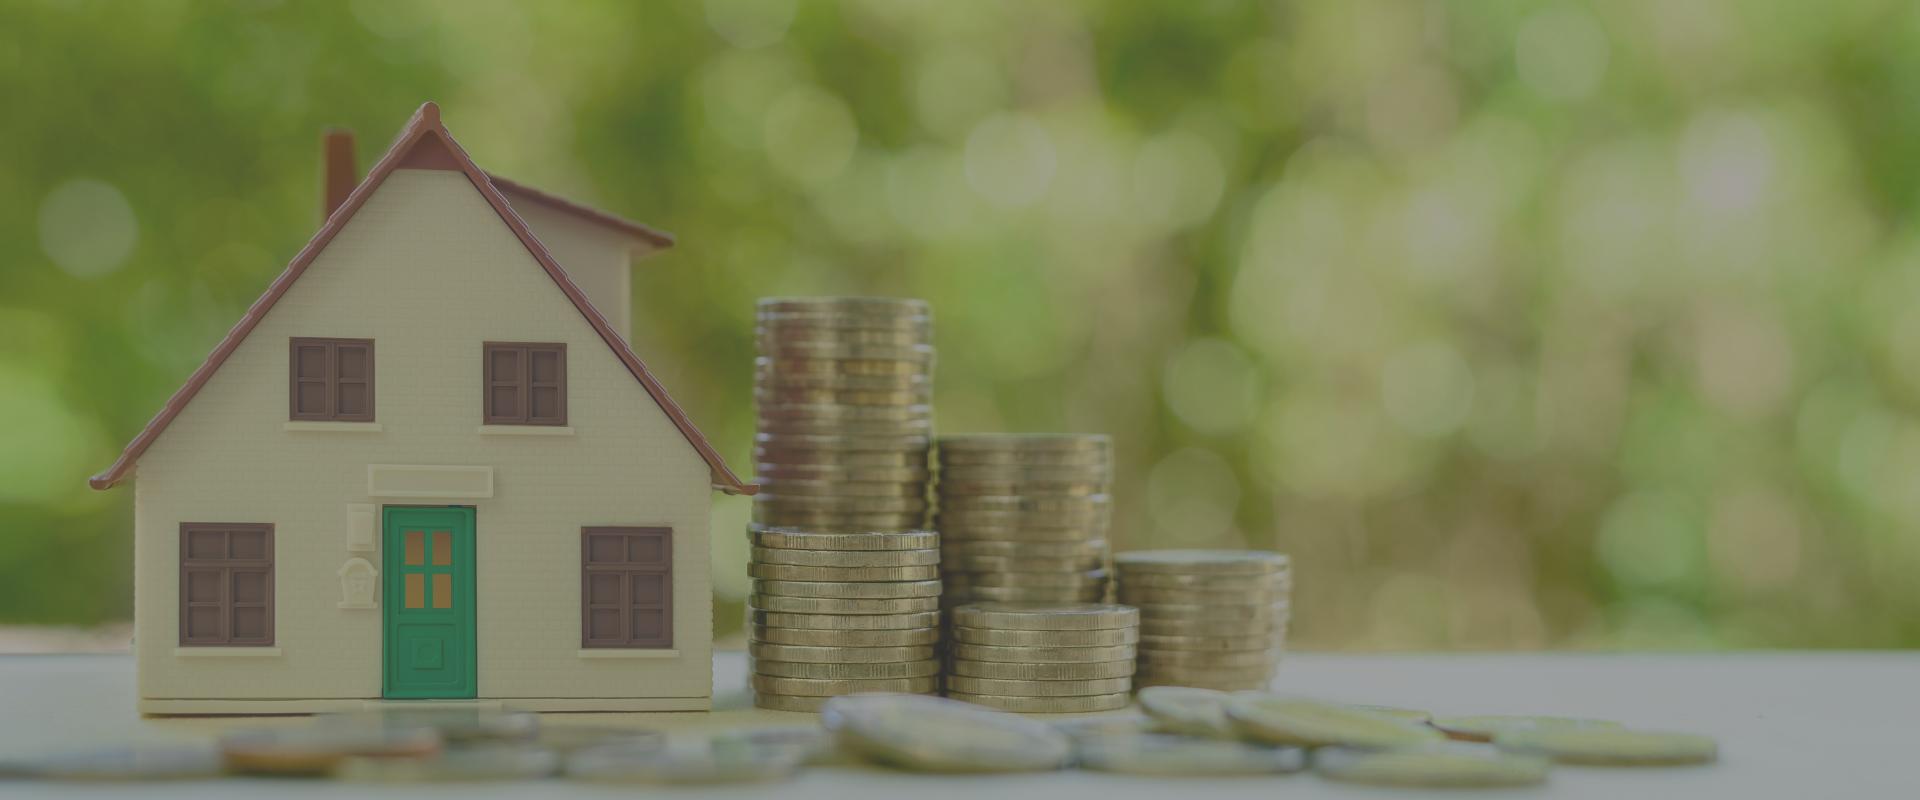 Estate Planning Vanilla Webinar Header Image